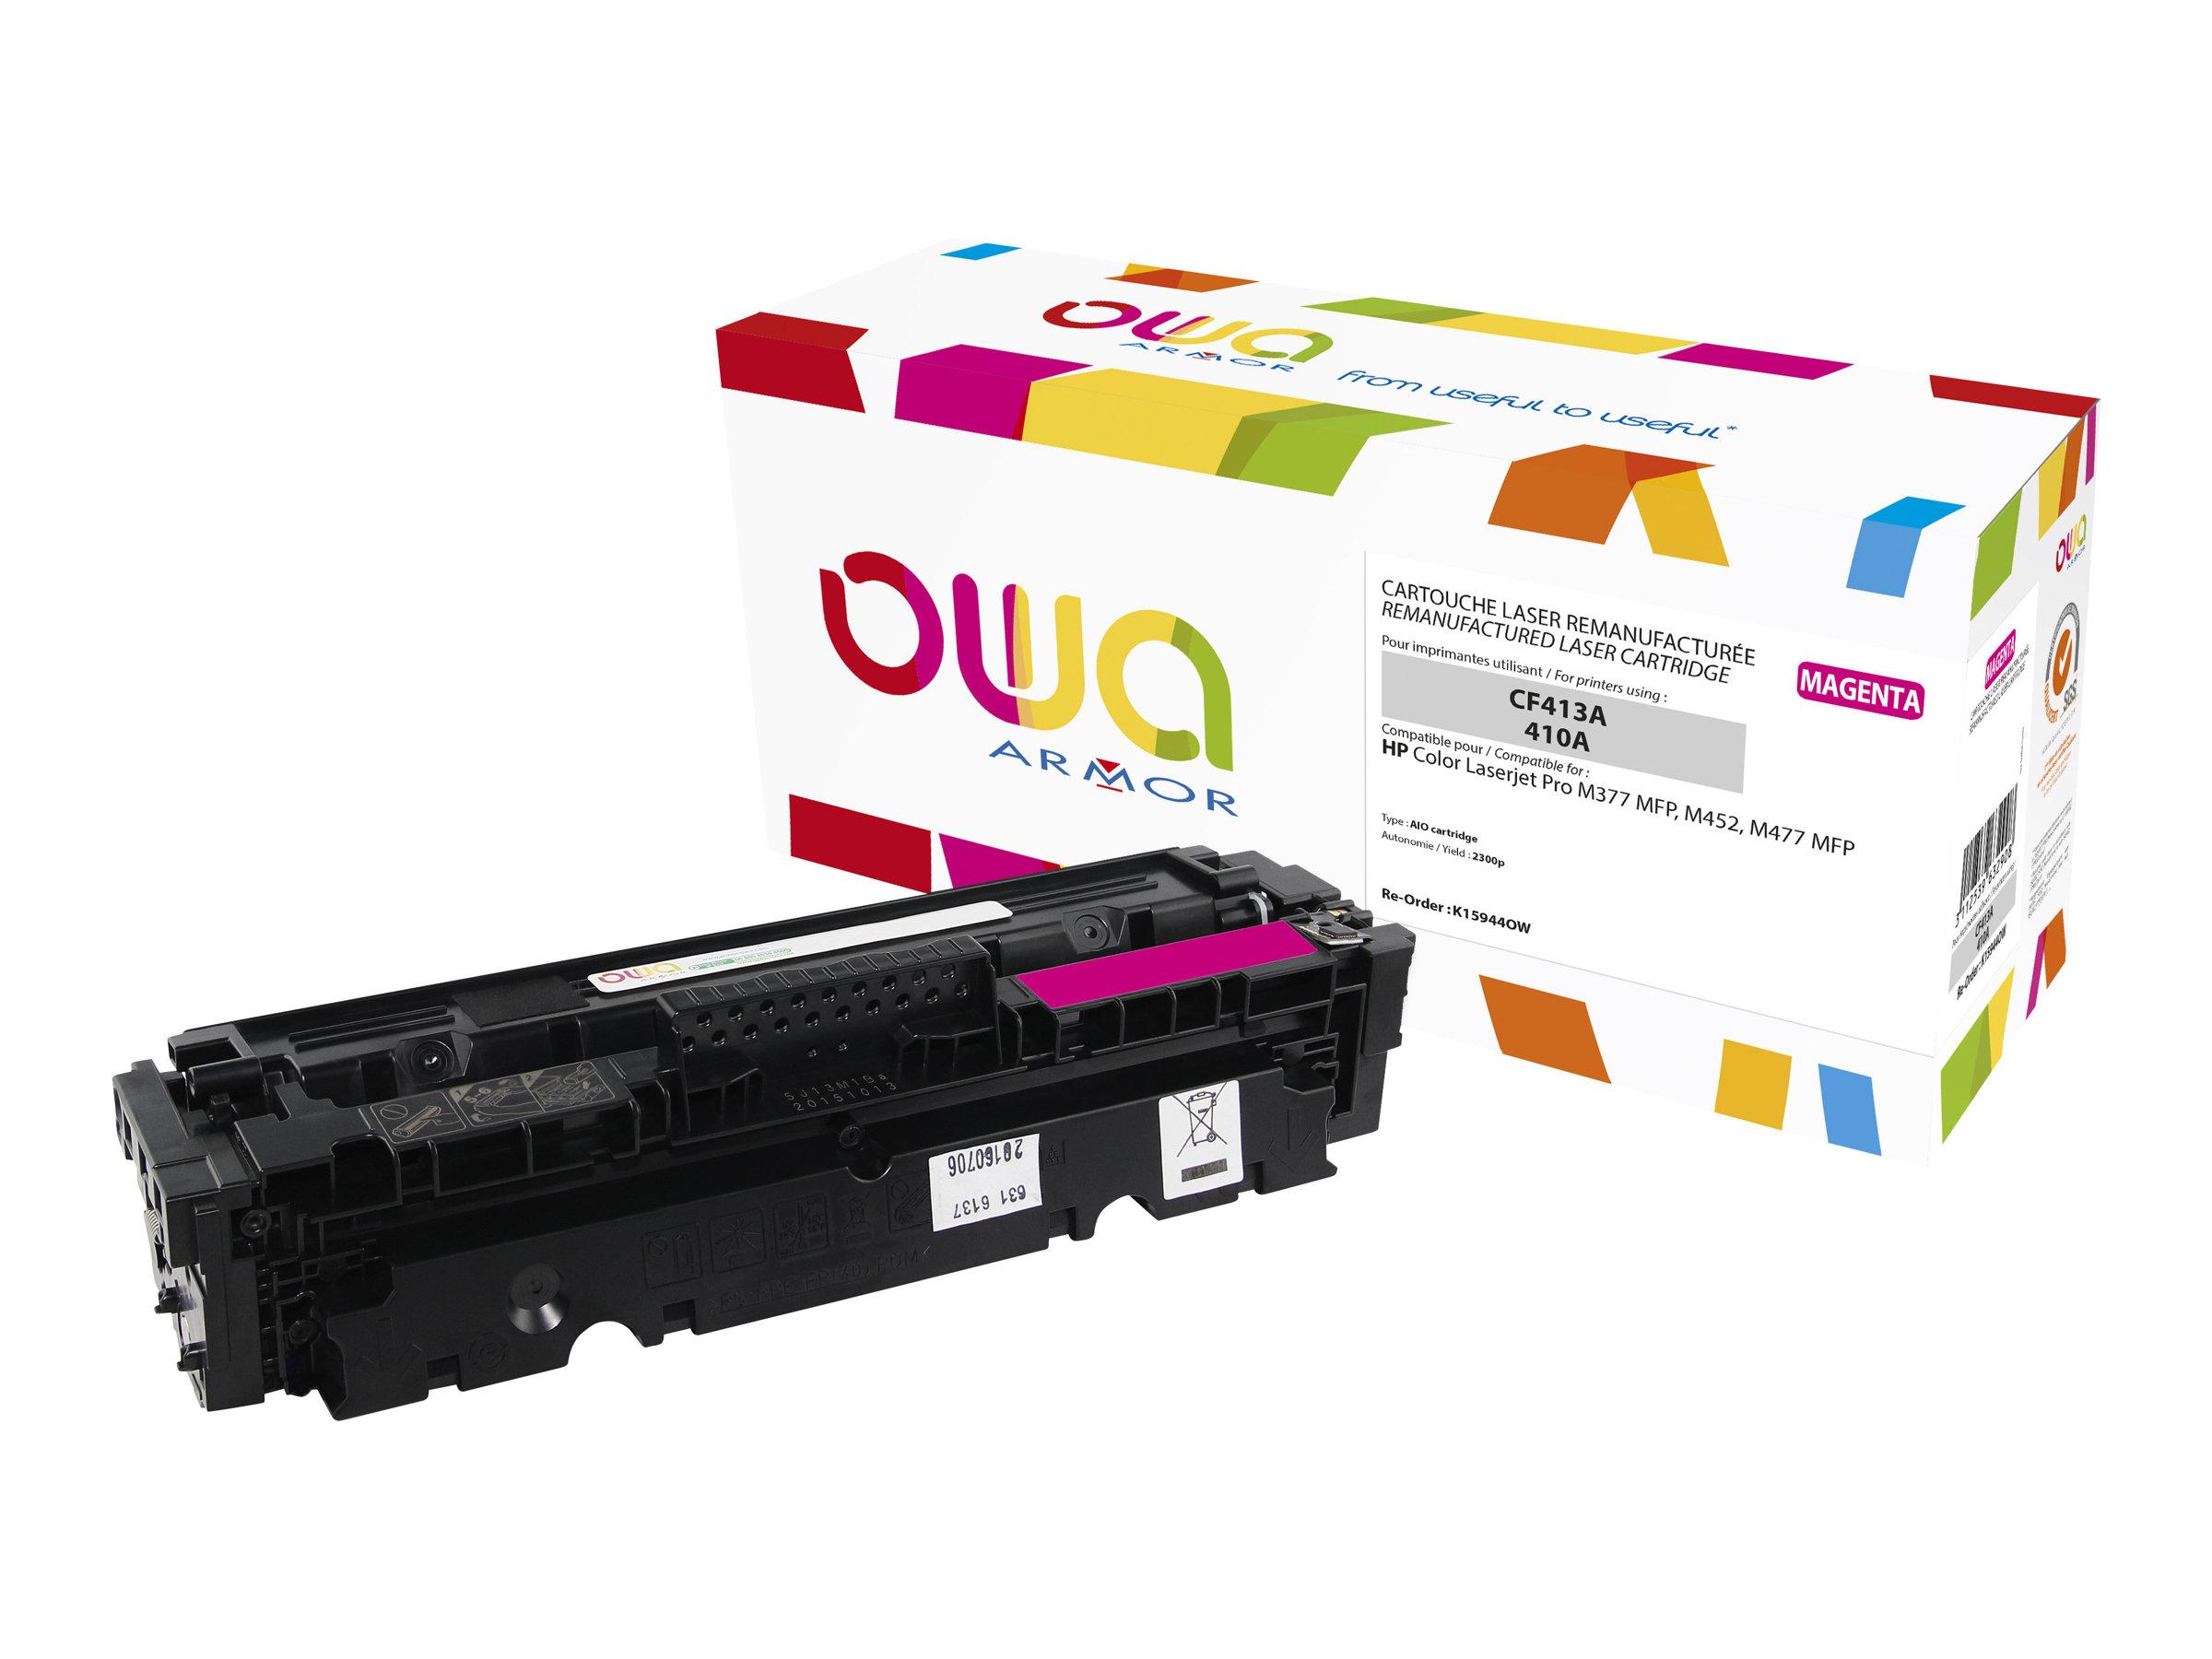 Owa K15944OW cartouche équivalente HP 410A - magenta